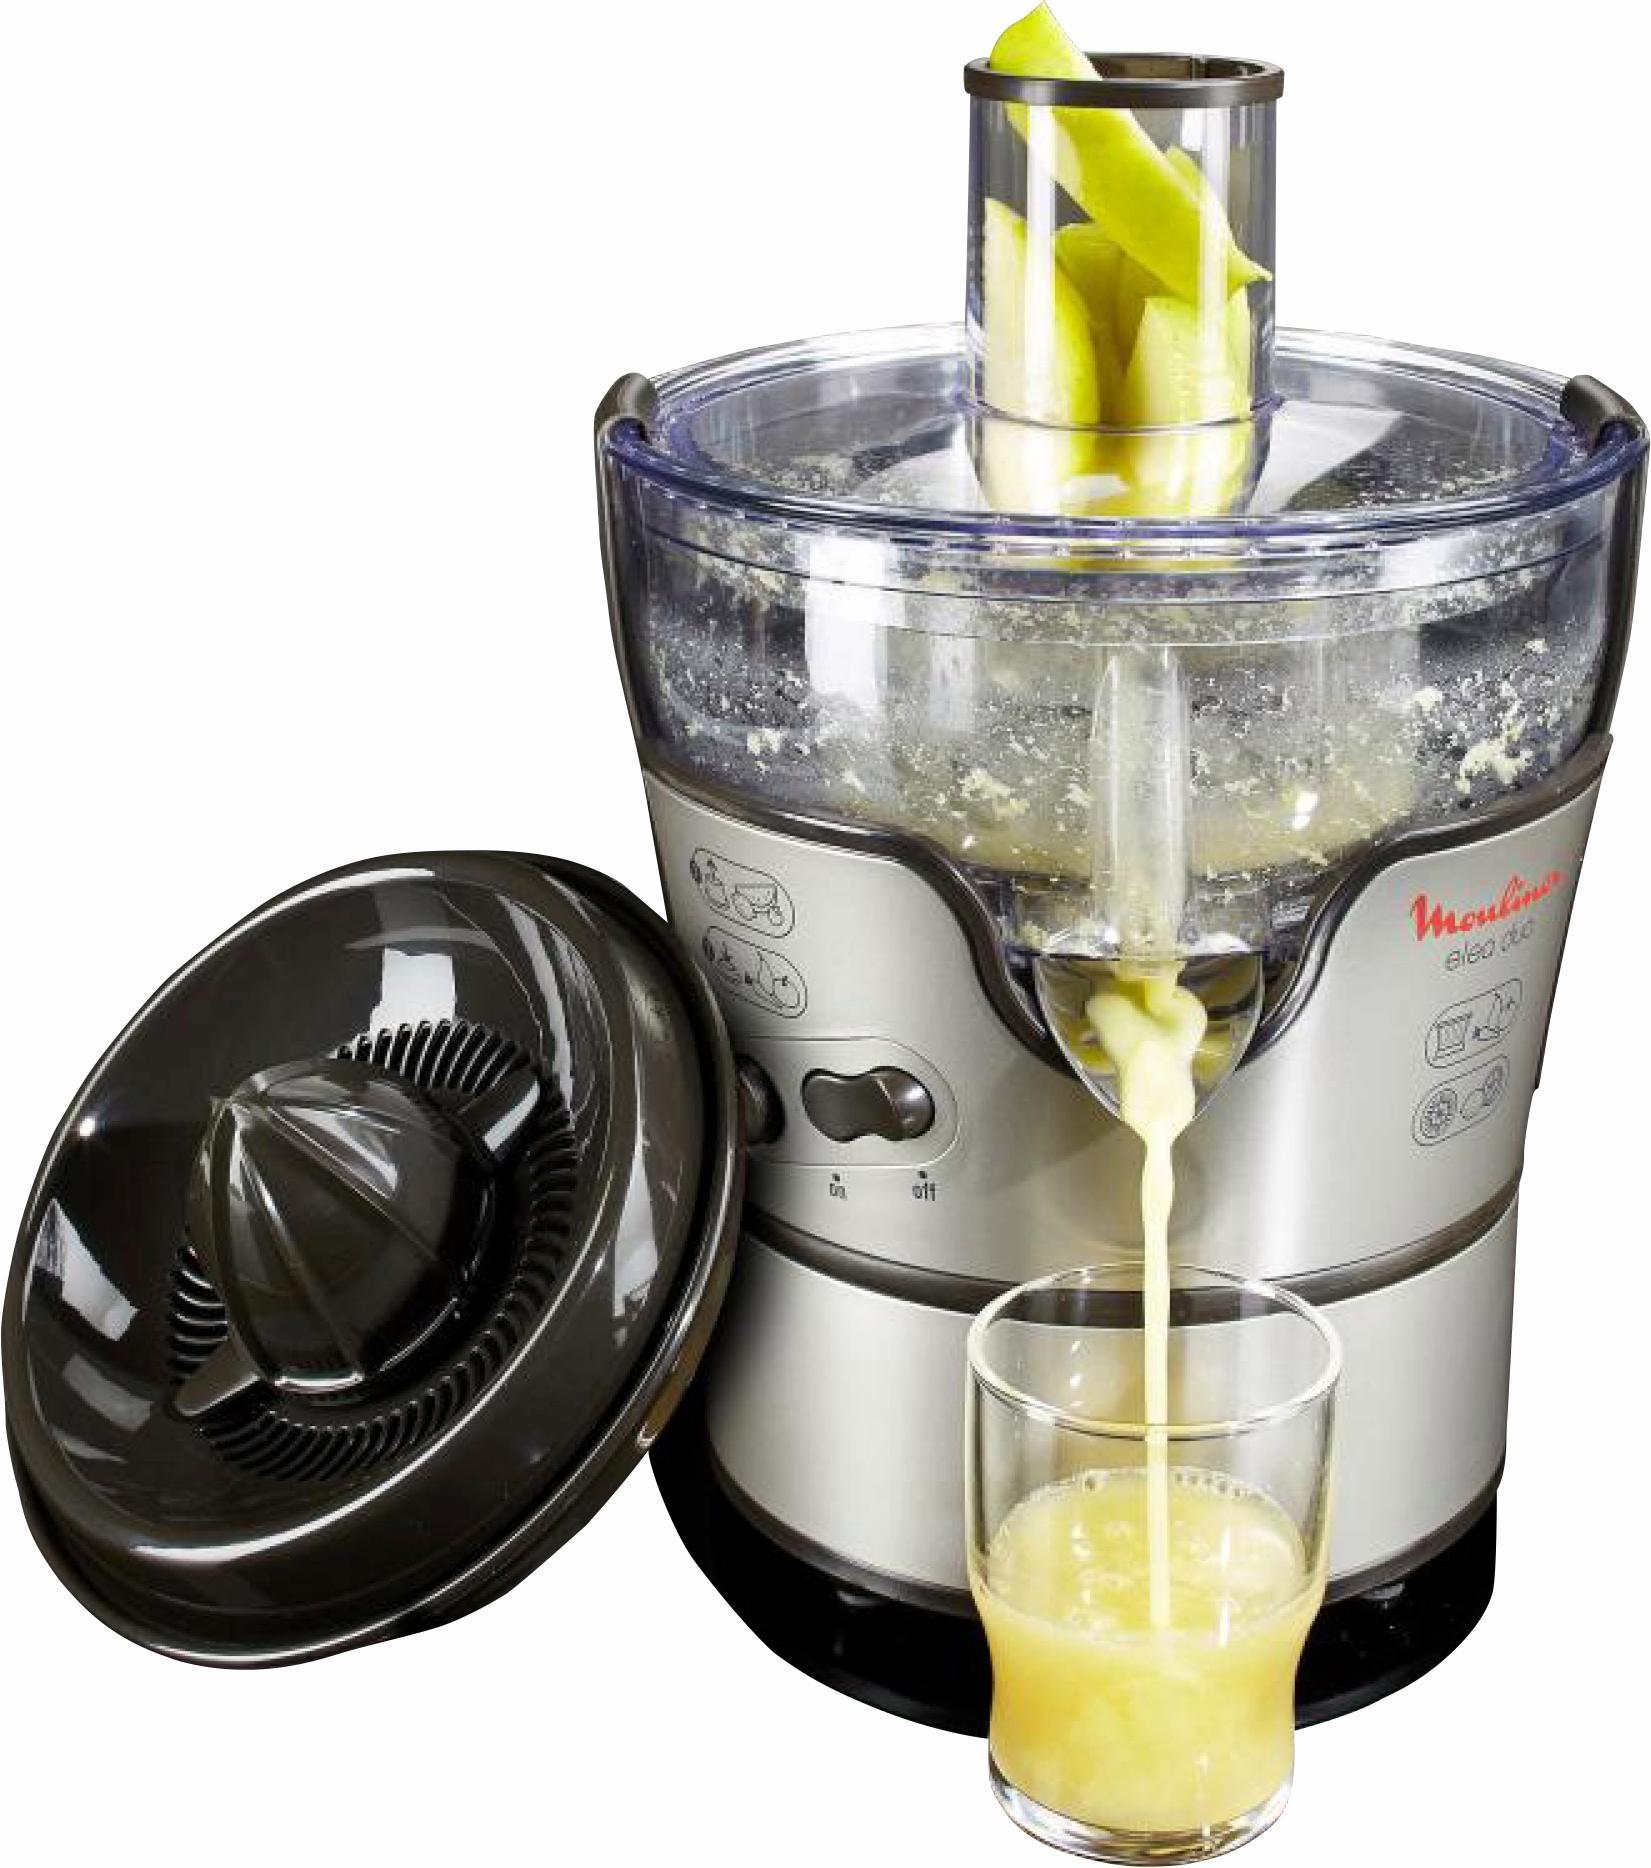 Moulinex vruchtenpers en citruspers Elea Duo JU385H, 300 W, zwart/edelstaal goedkoop op otto.nl kopen